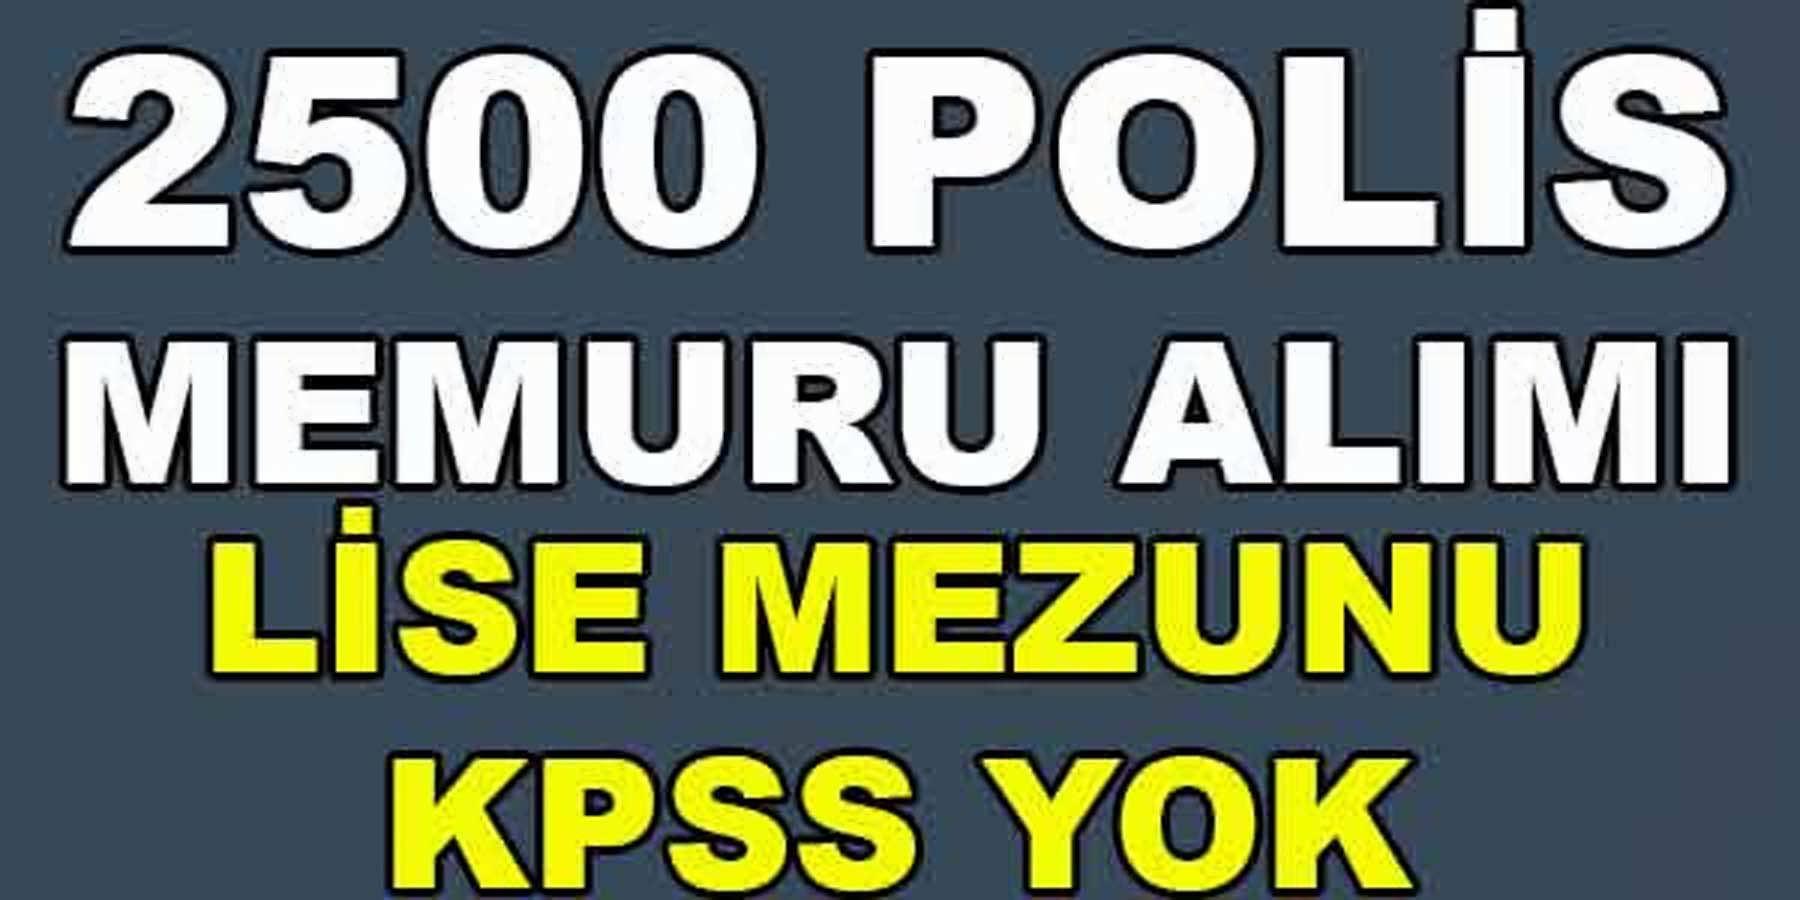 2500 Lise Mezunu Polis Memuru Alımı 24 Nisan 2016